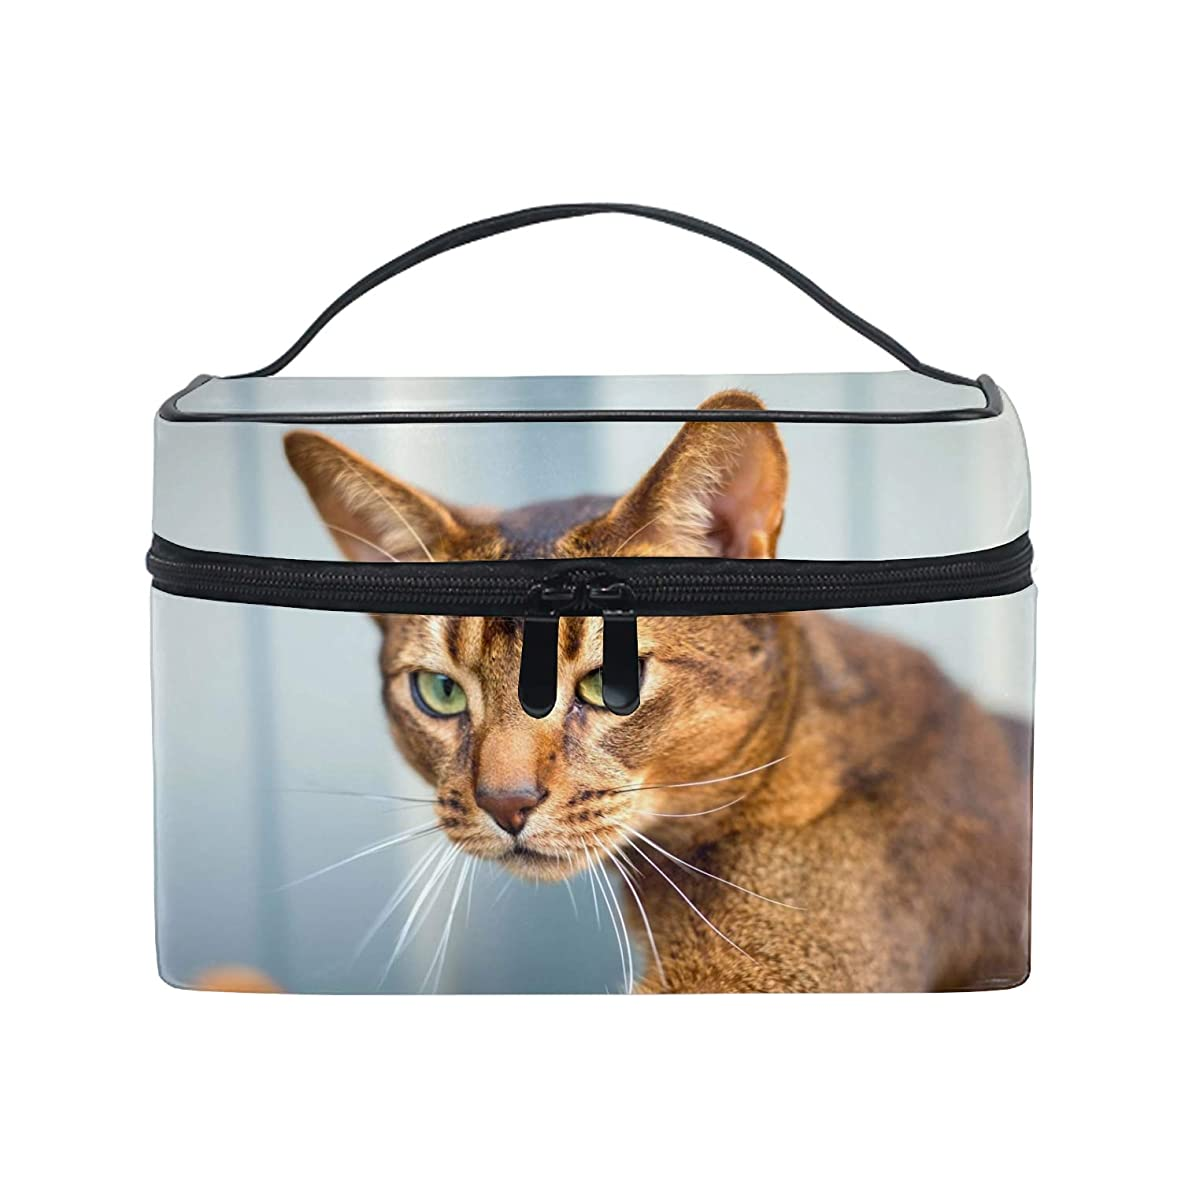 完璧なサイクル活気づける収納ポーチ 通勤 出張 旅行 大容量 アビシニアン猫のぼかし軽量 携帯 便利